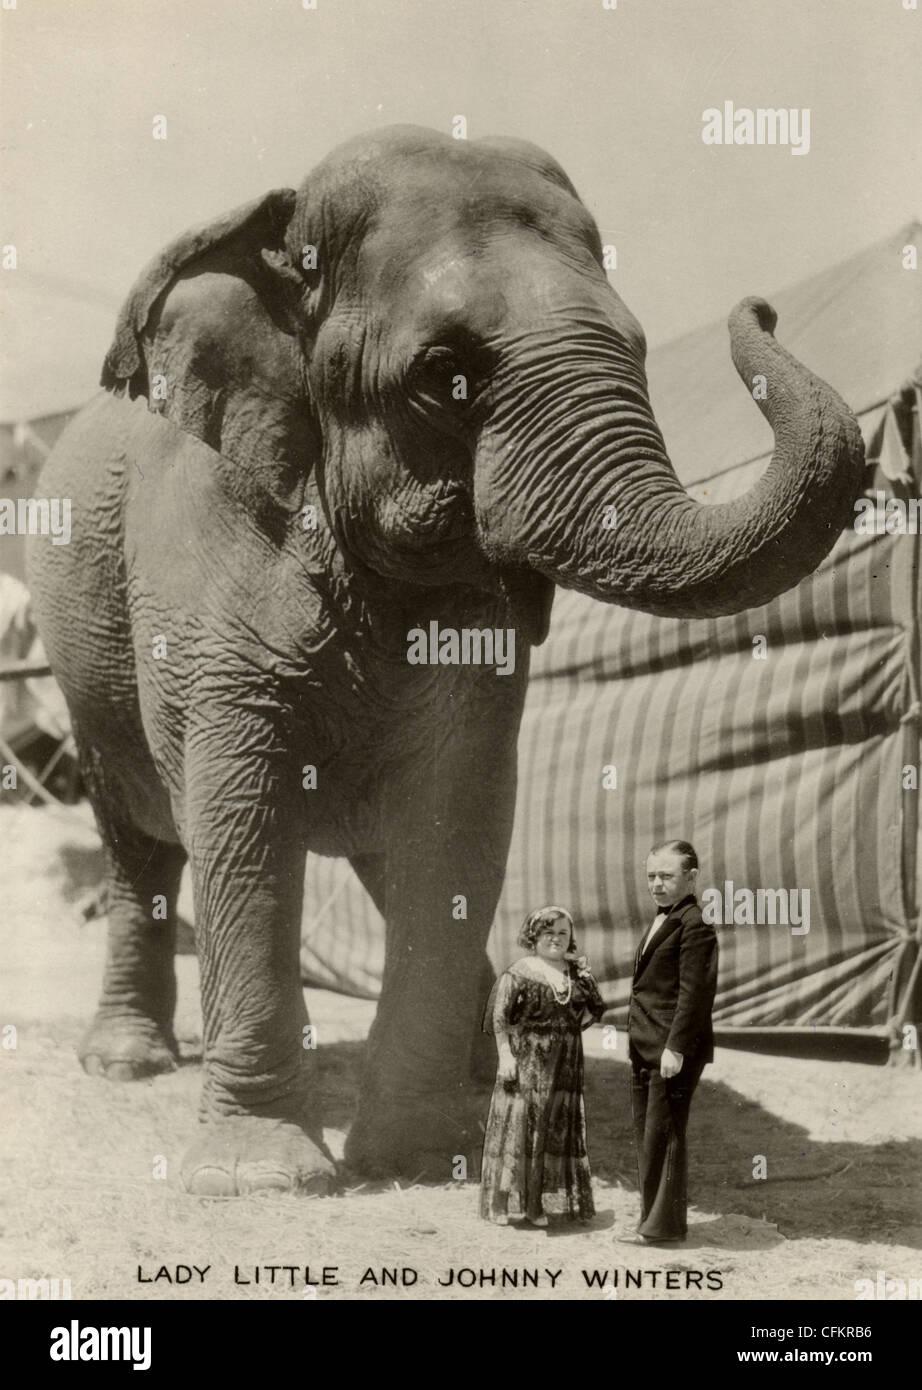 Midget Couple & Circus Elephant Stock Photo - Alamy